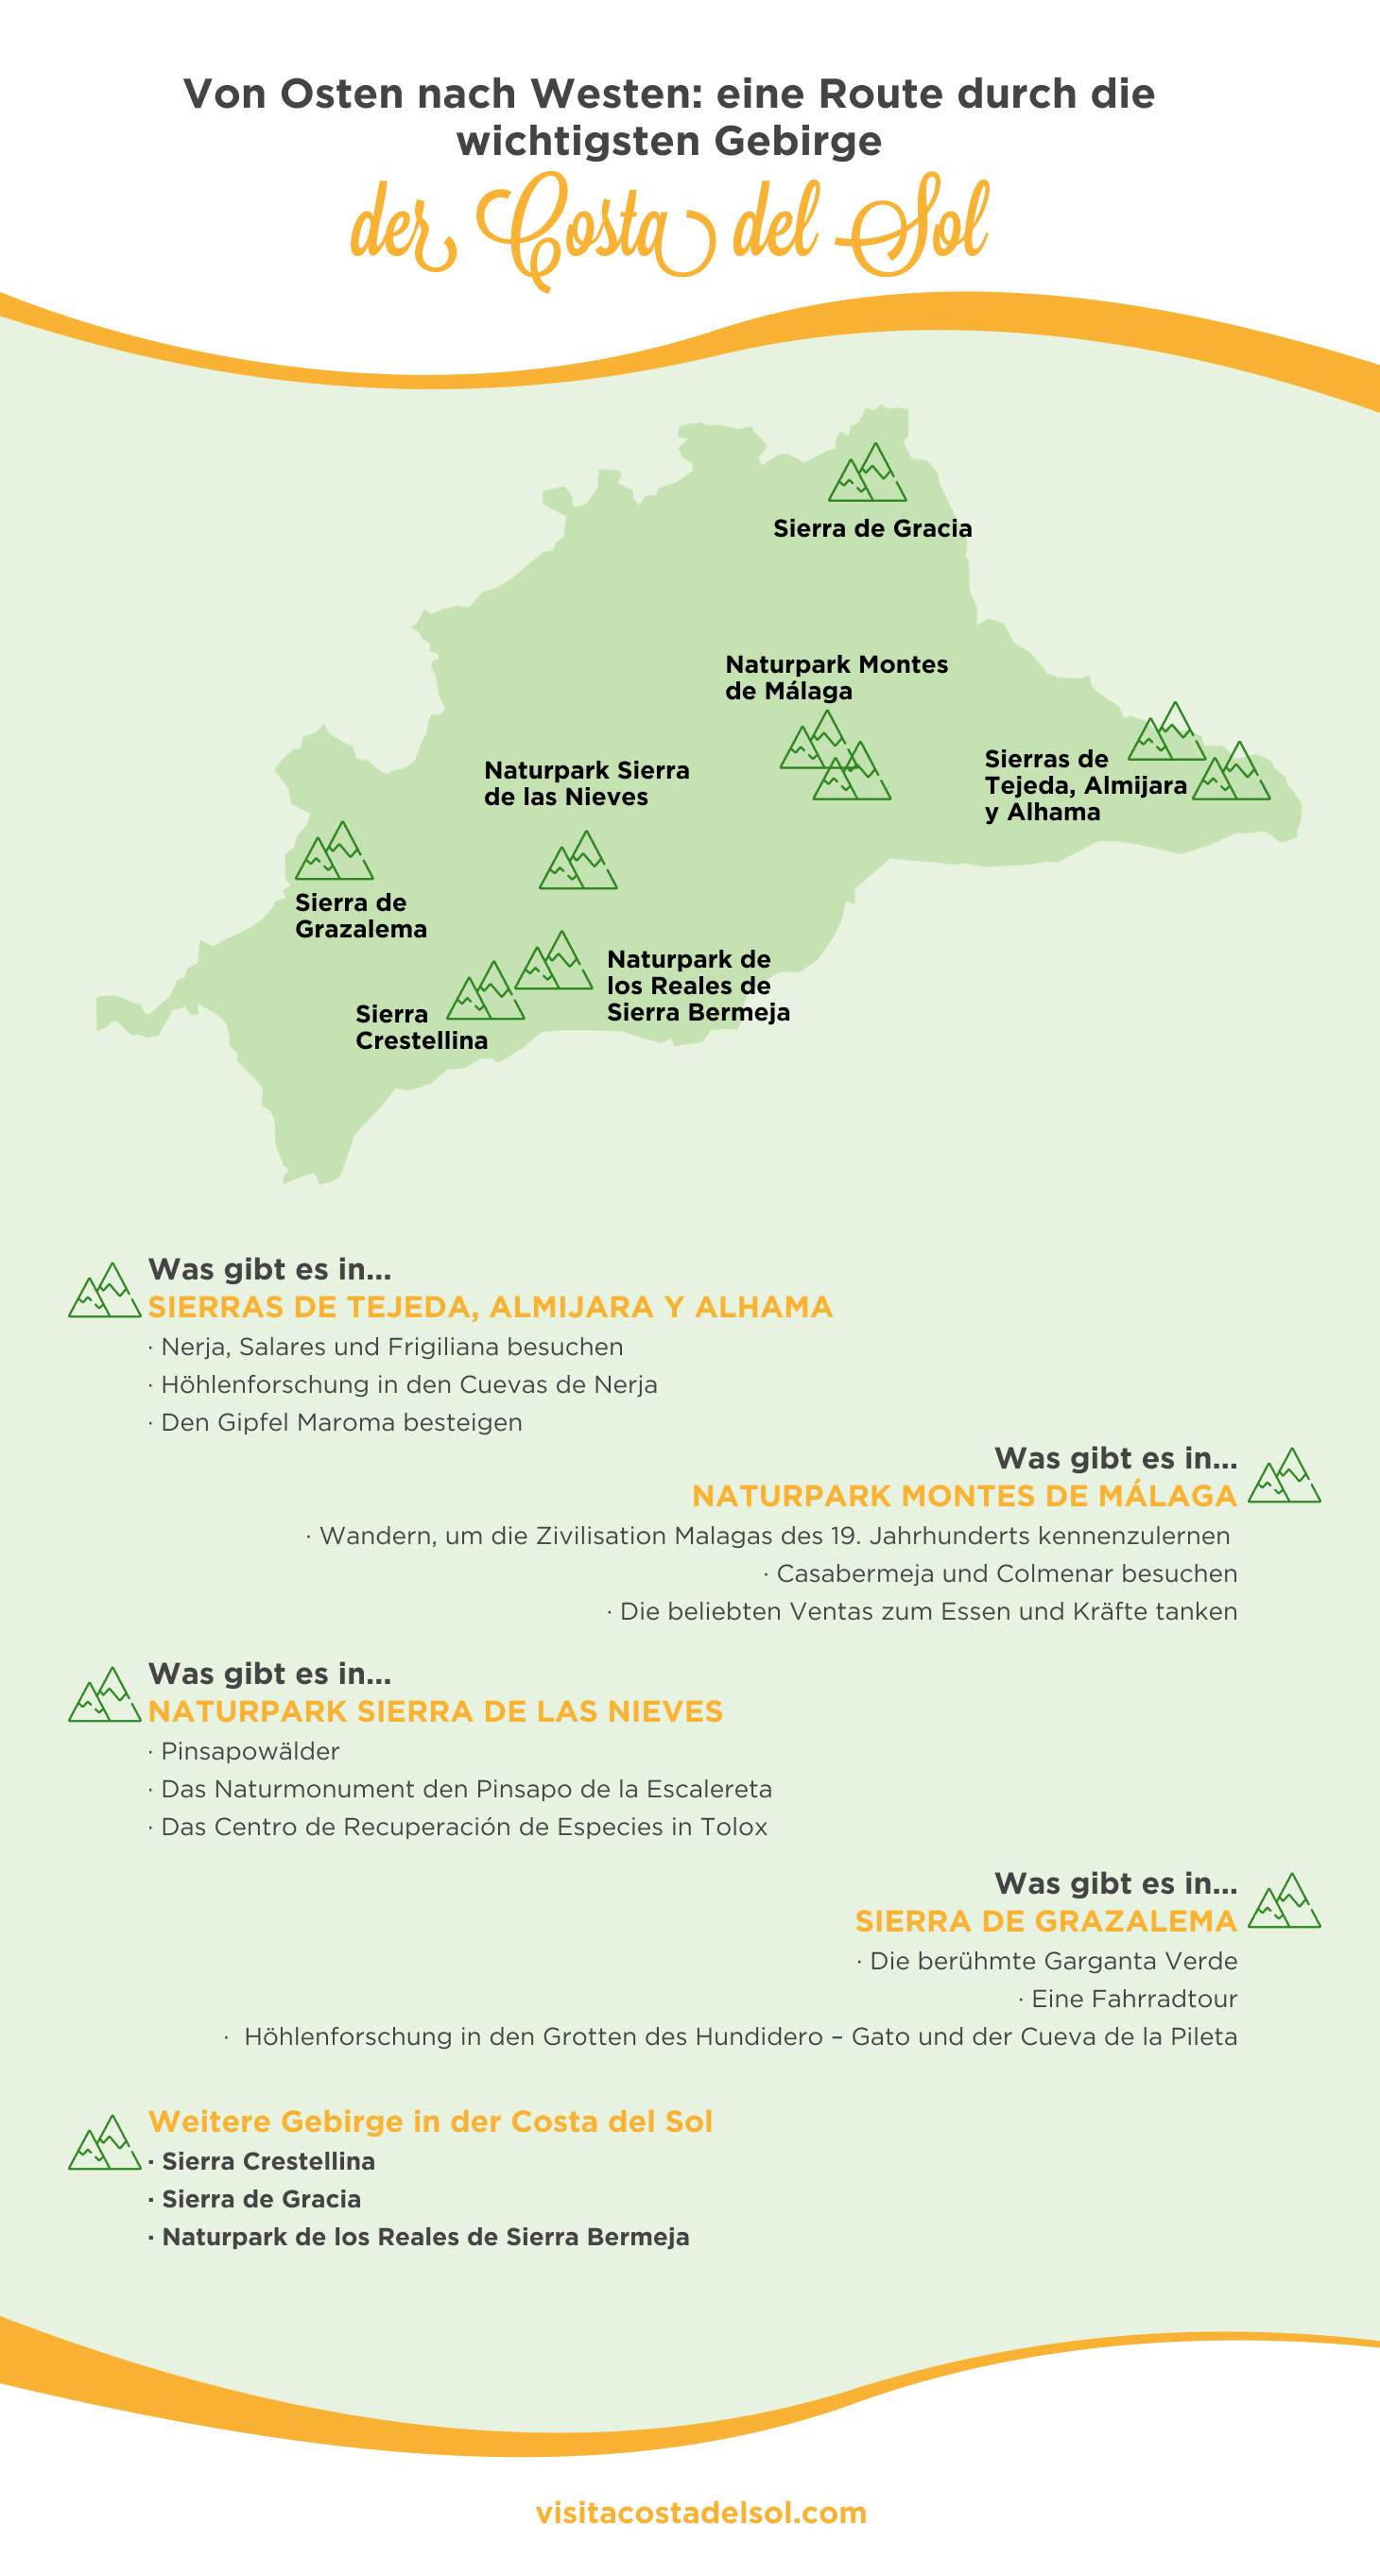 Route durch die wichtigsten gebirge der Costa del Sol